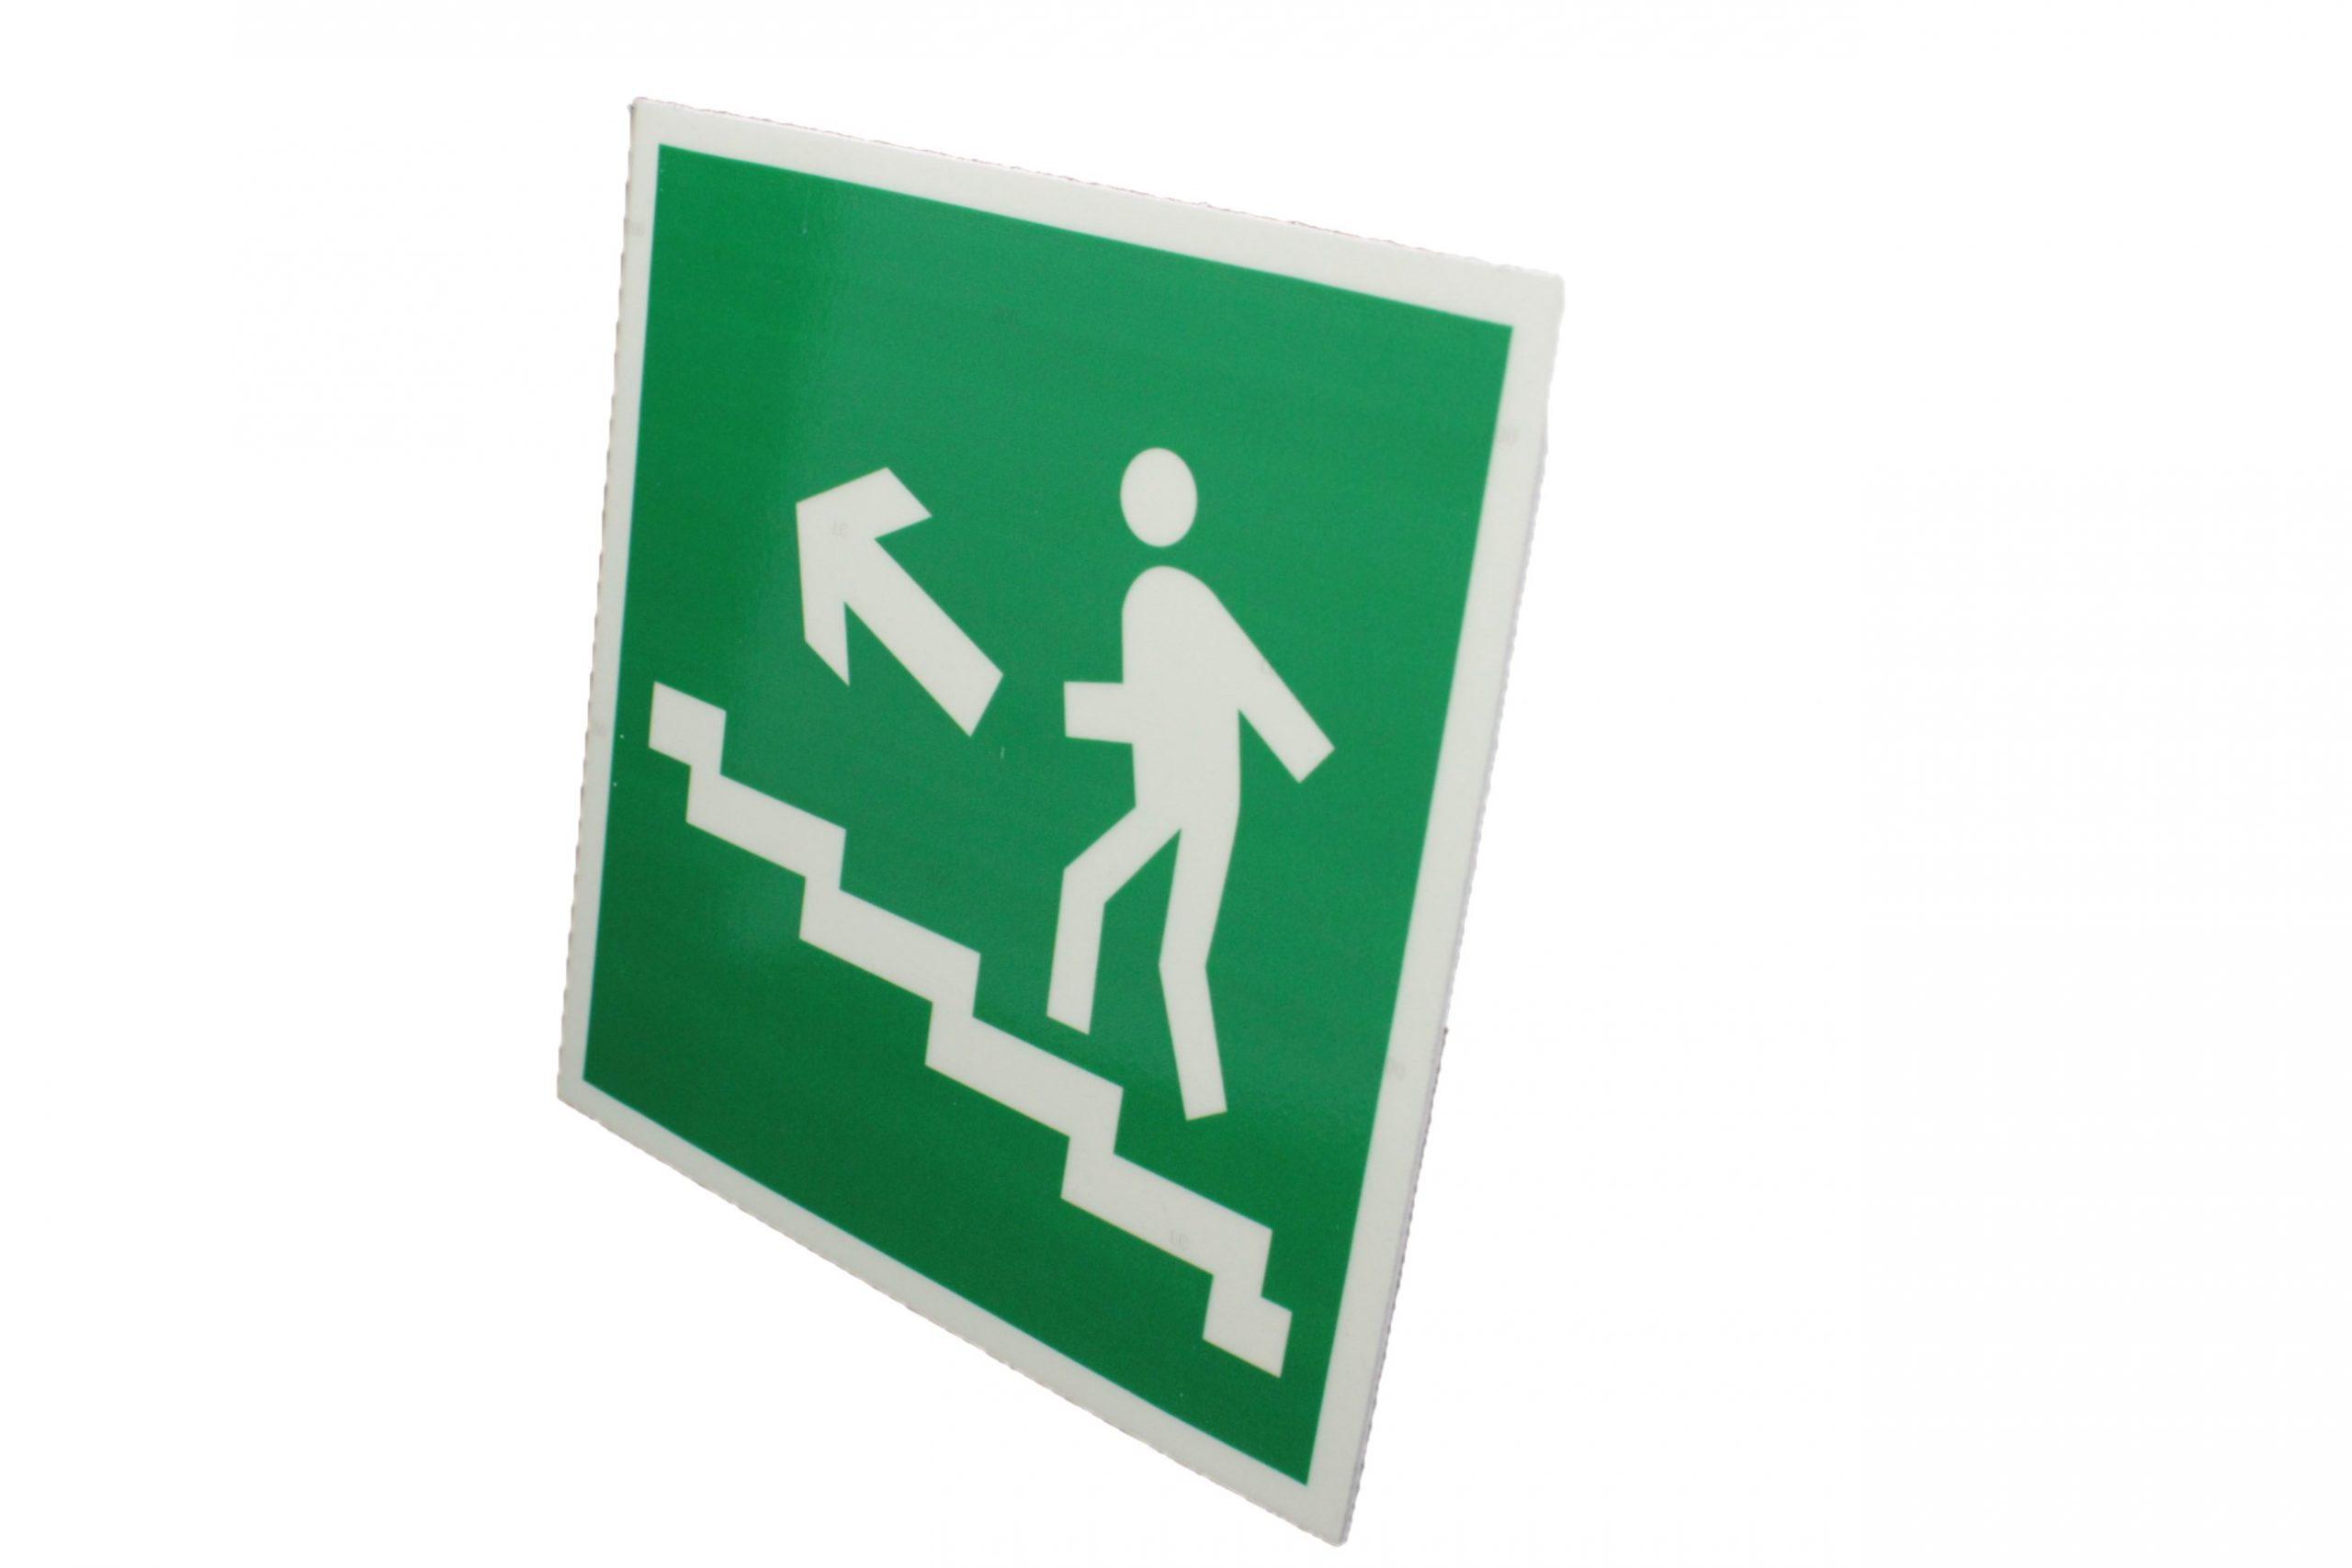 Знак эвакуации фотолюминесцентный по лестнице вверх левый